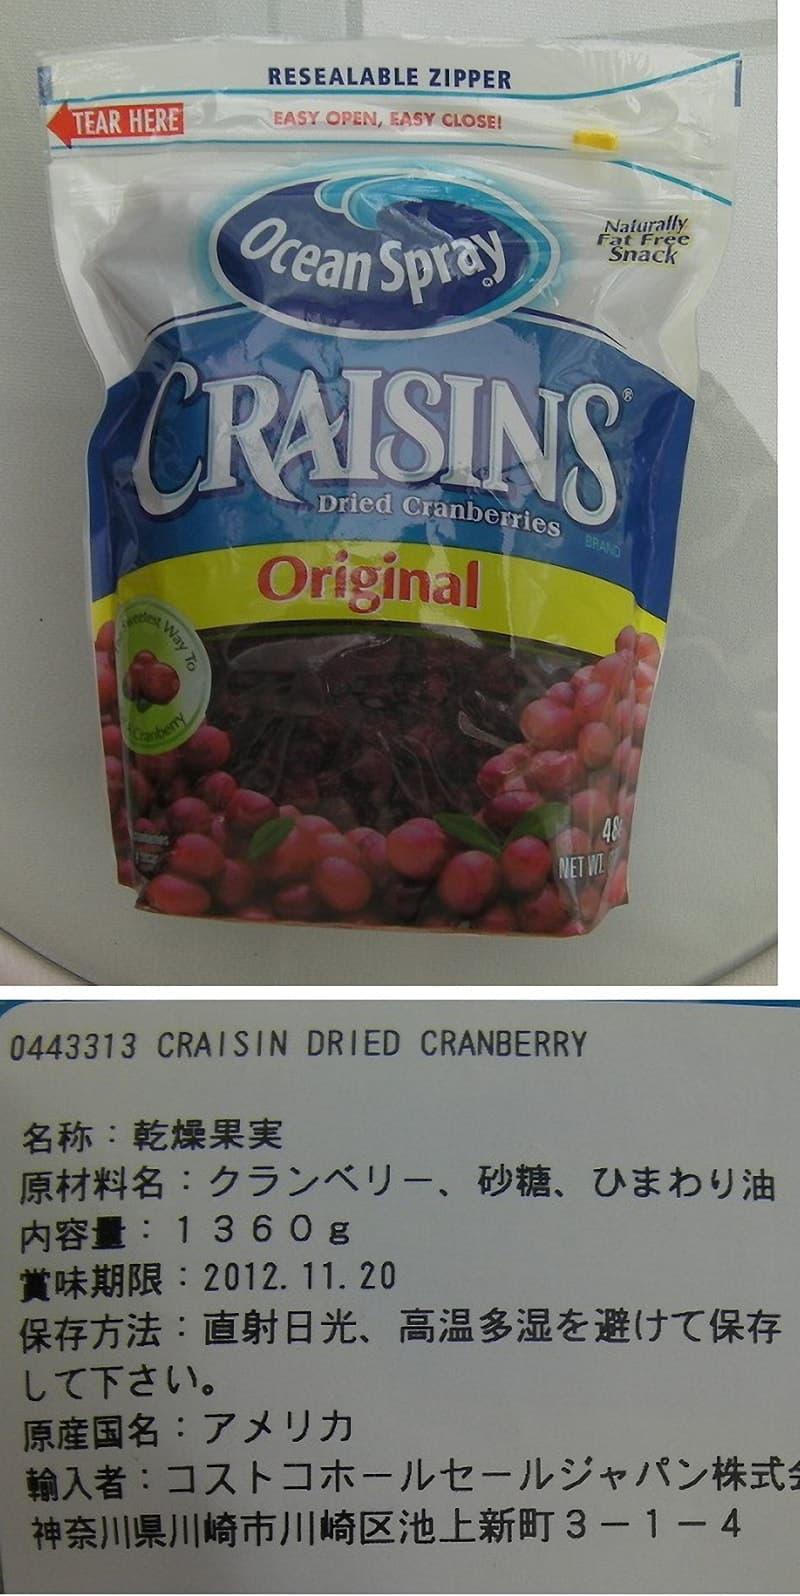 [2]が投稿したオーシャンスプレー 乾燥果実(クランベリー) CRAISINS CRANBERRYの写真